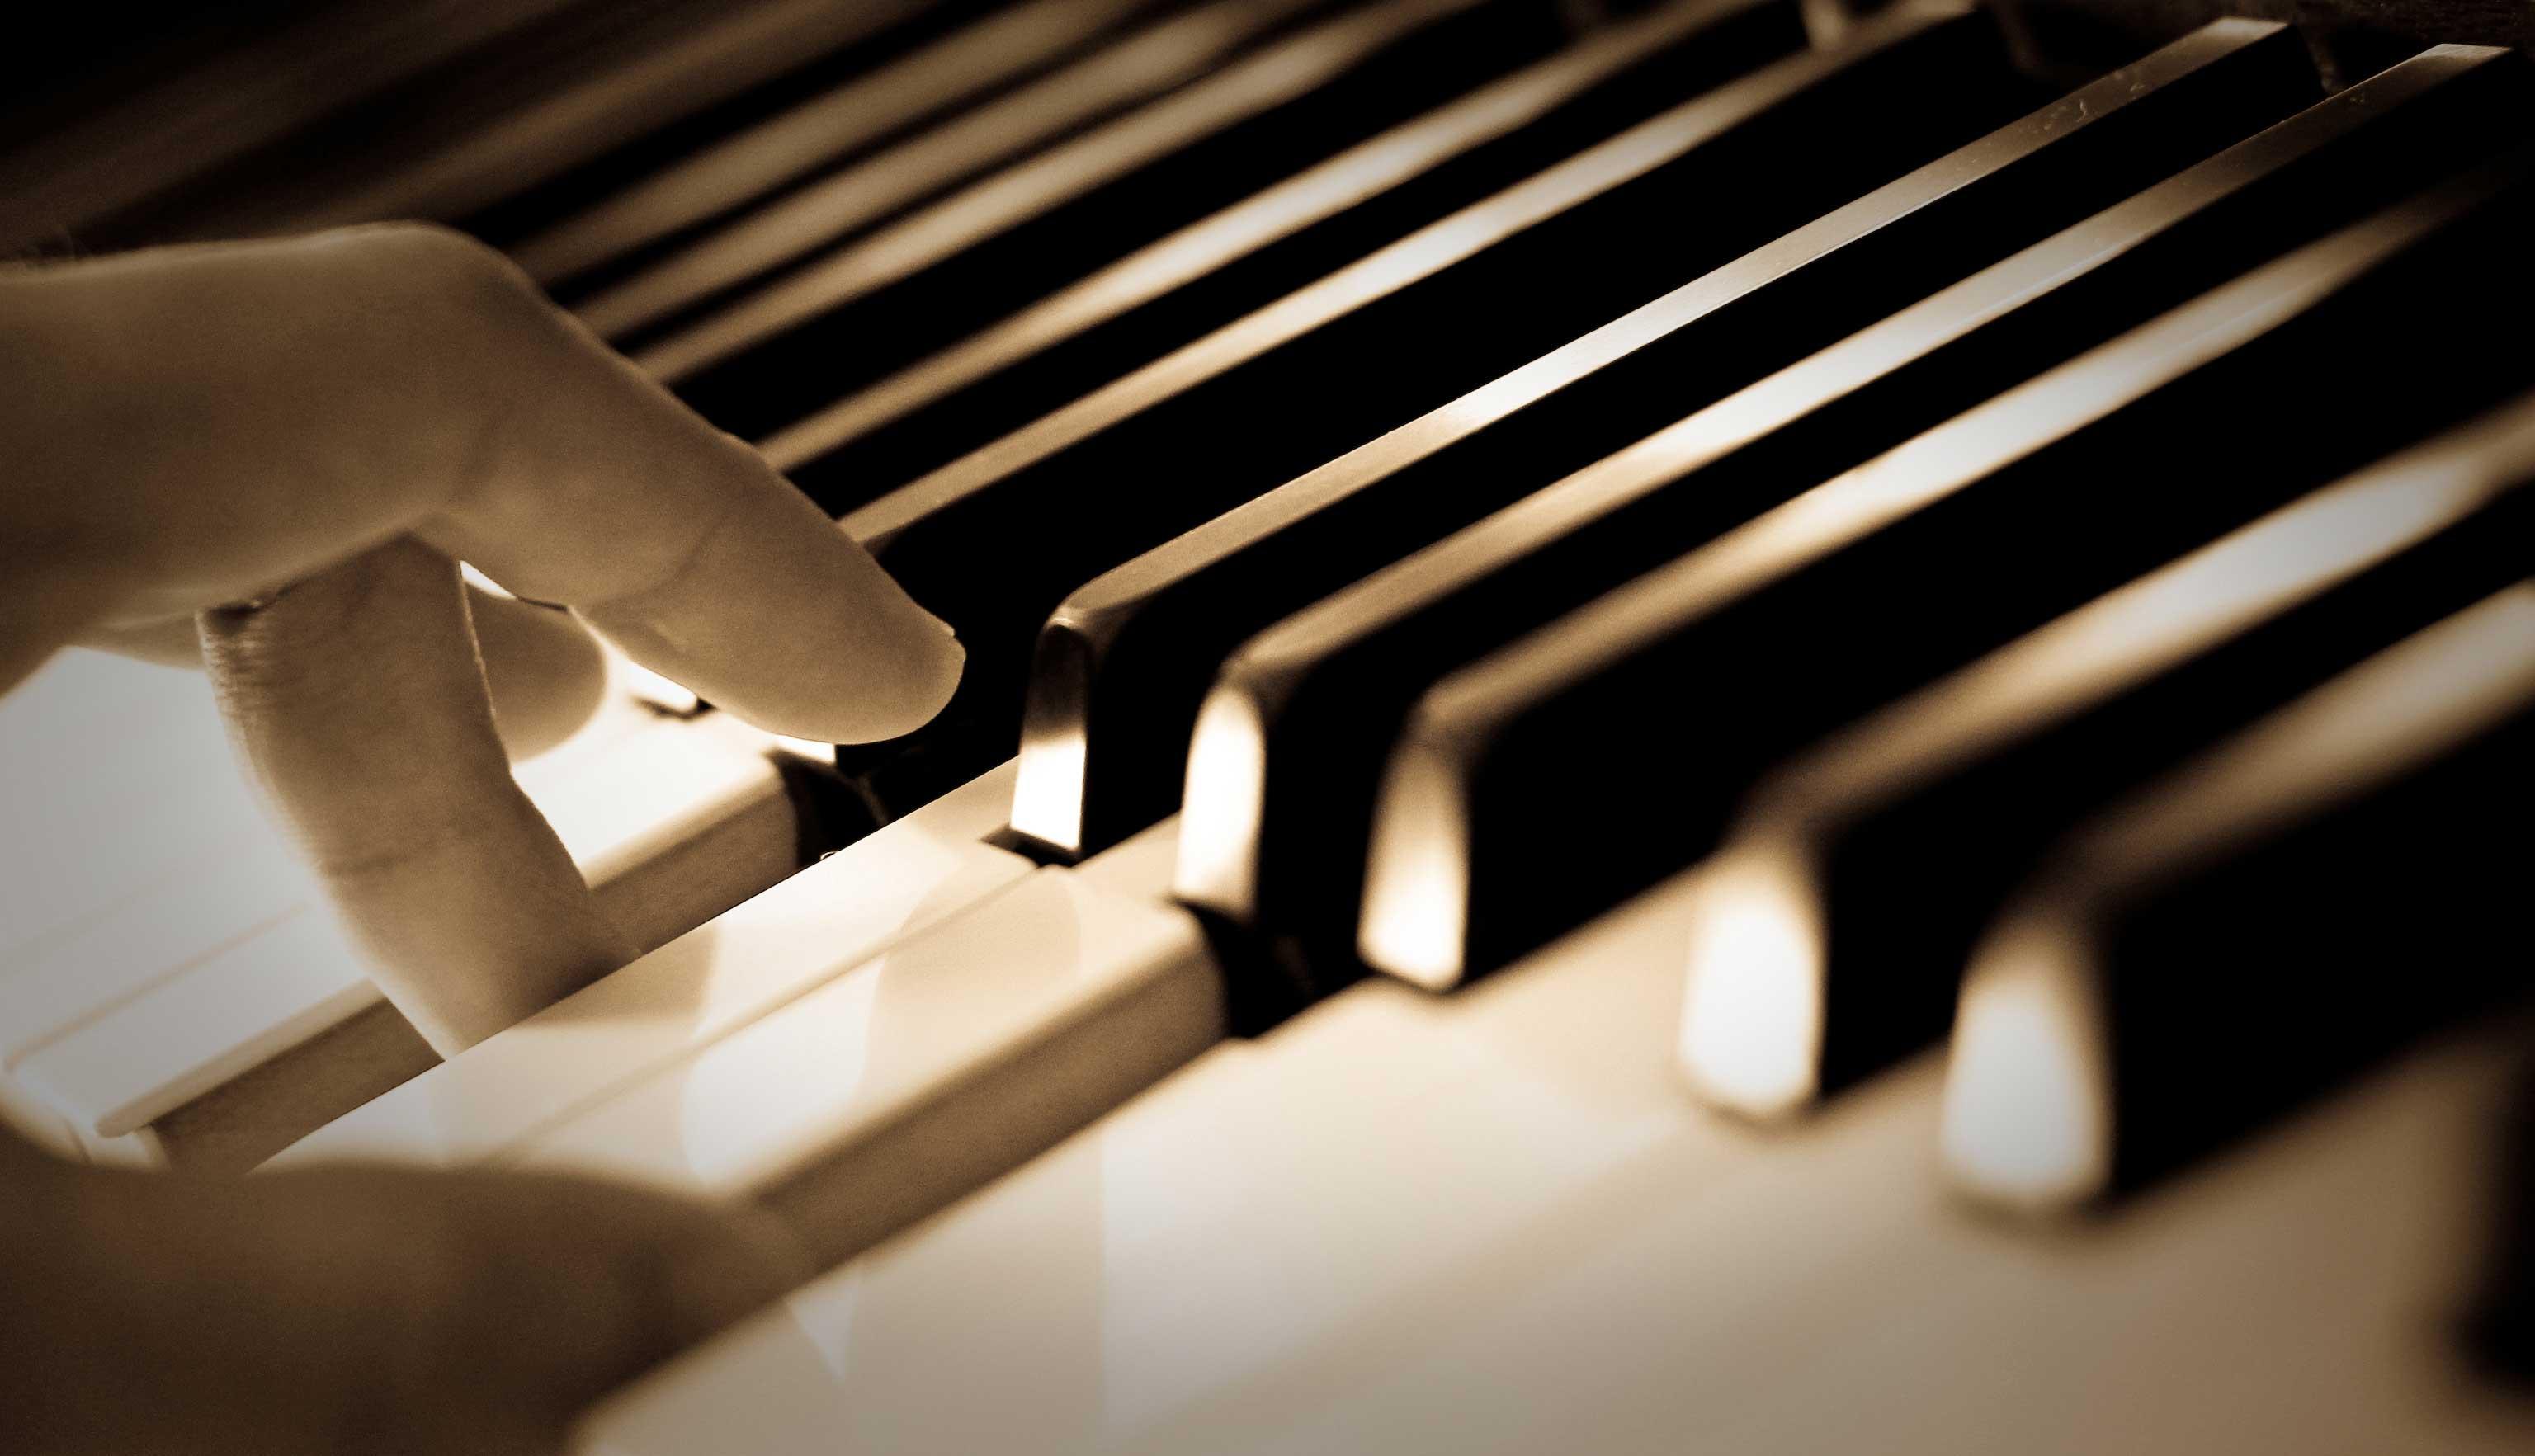 آهنگ های آرامش بخش دانلود آهنگ های آرامش بخش پیانو